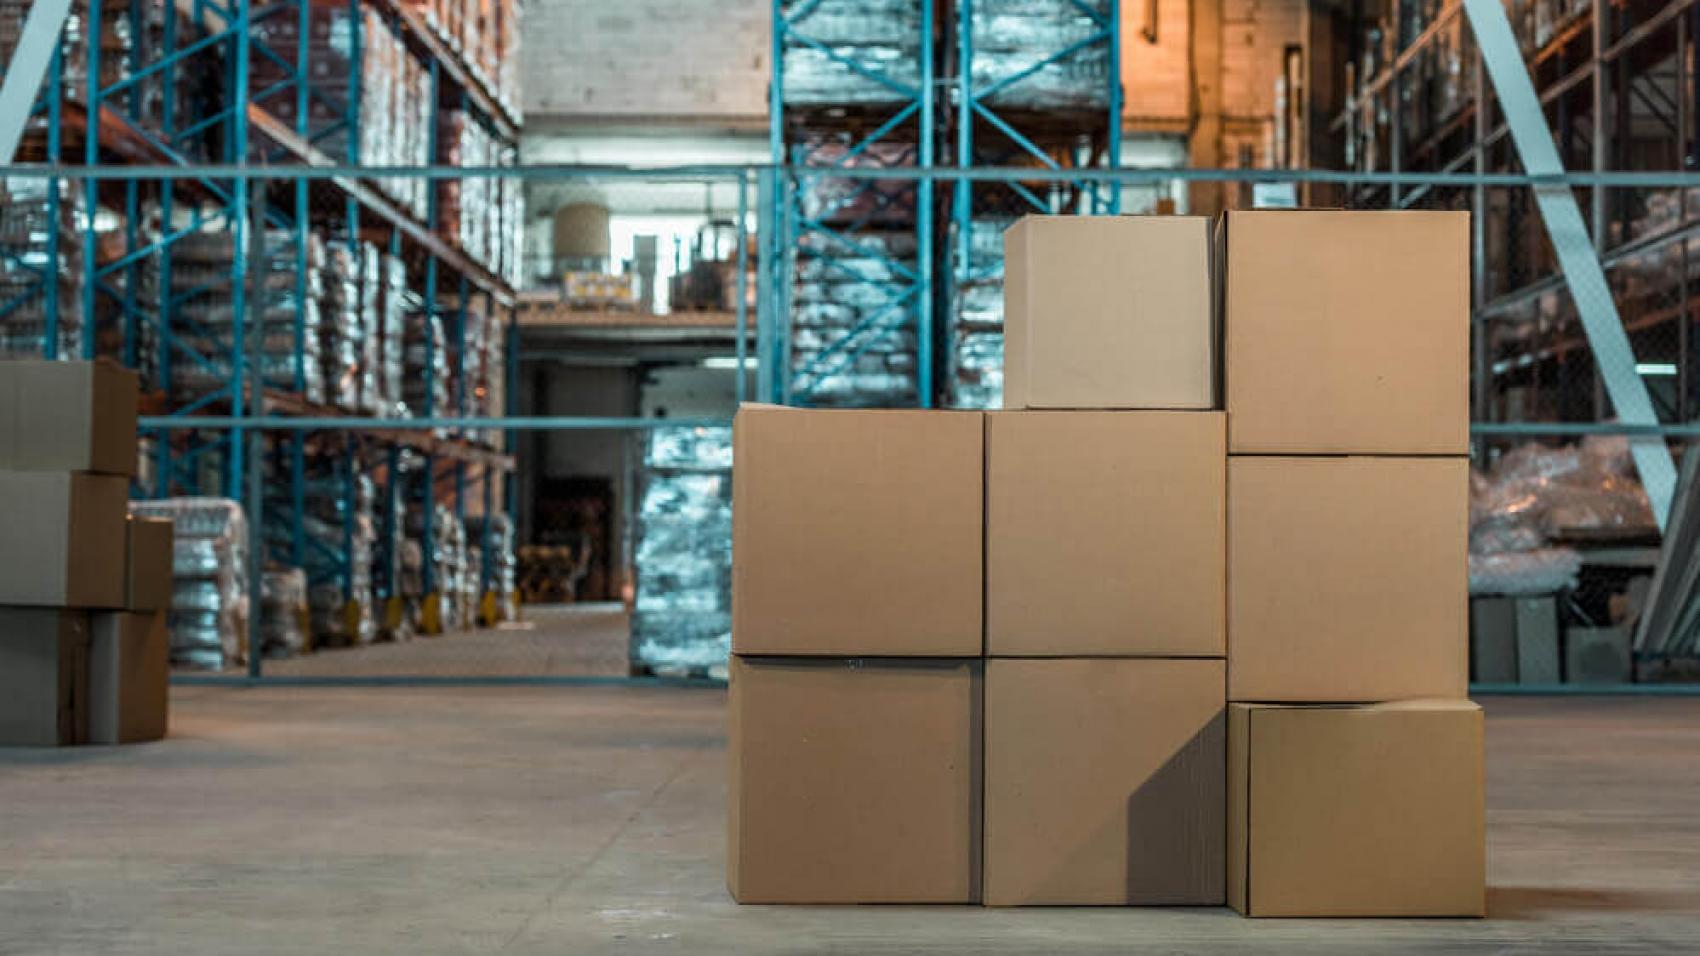 sameday-delivery-como-o-frete-das-grandes-empresas